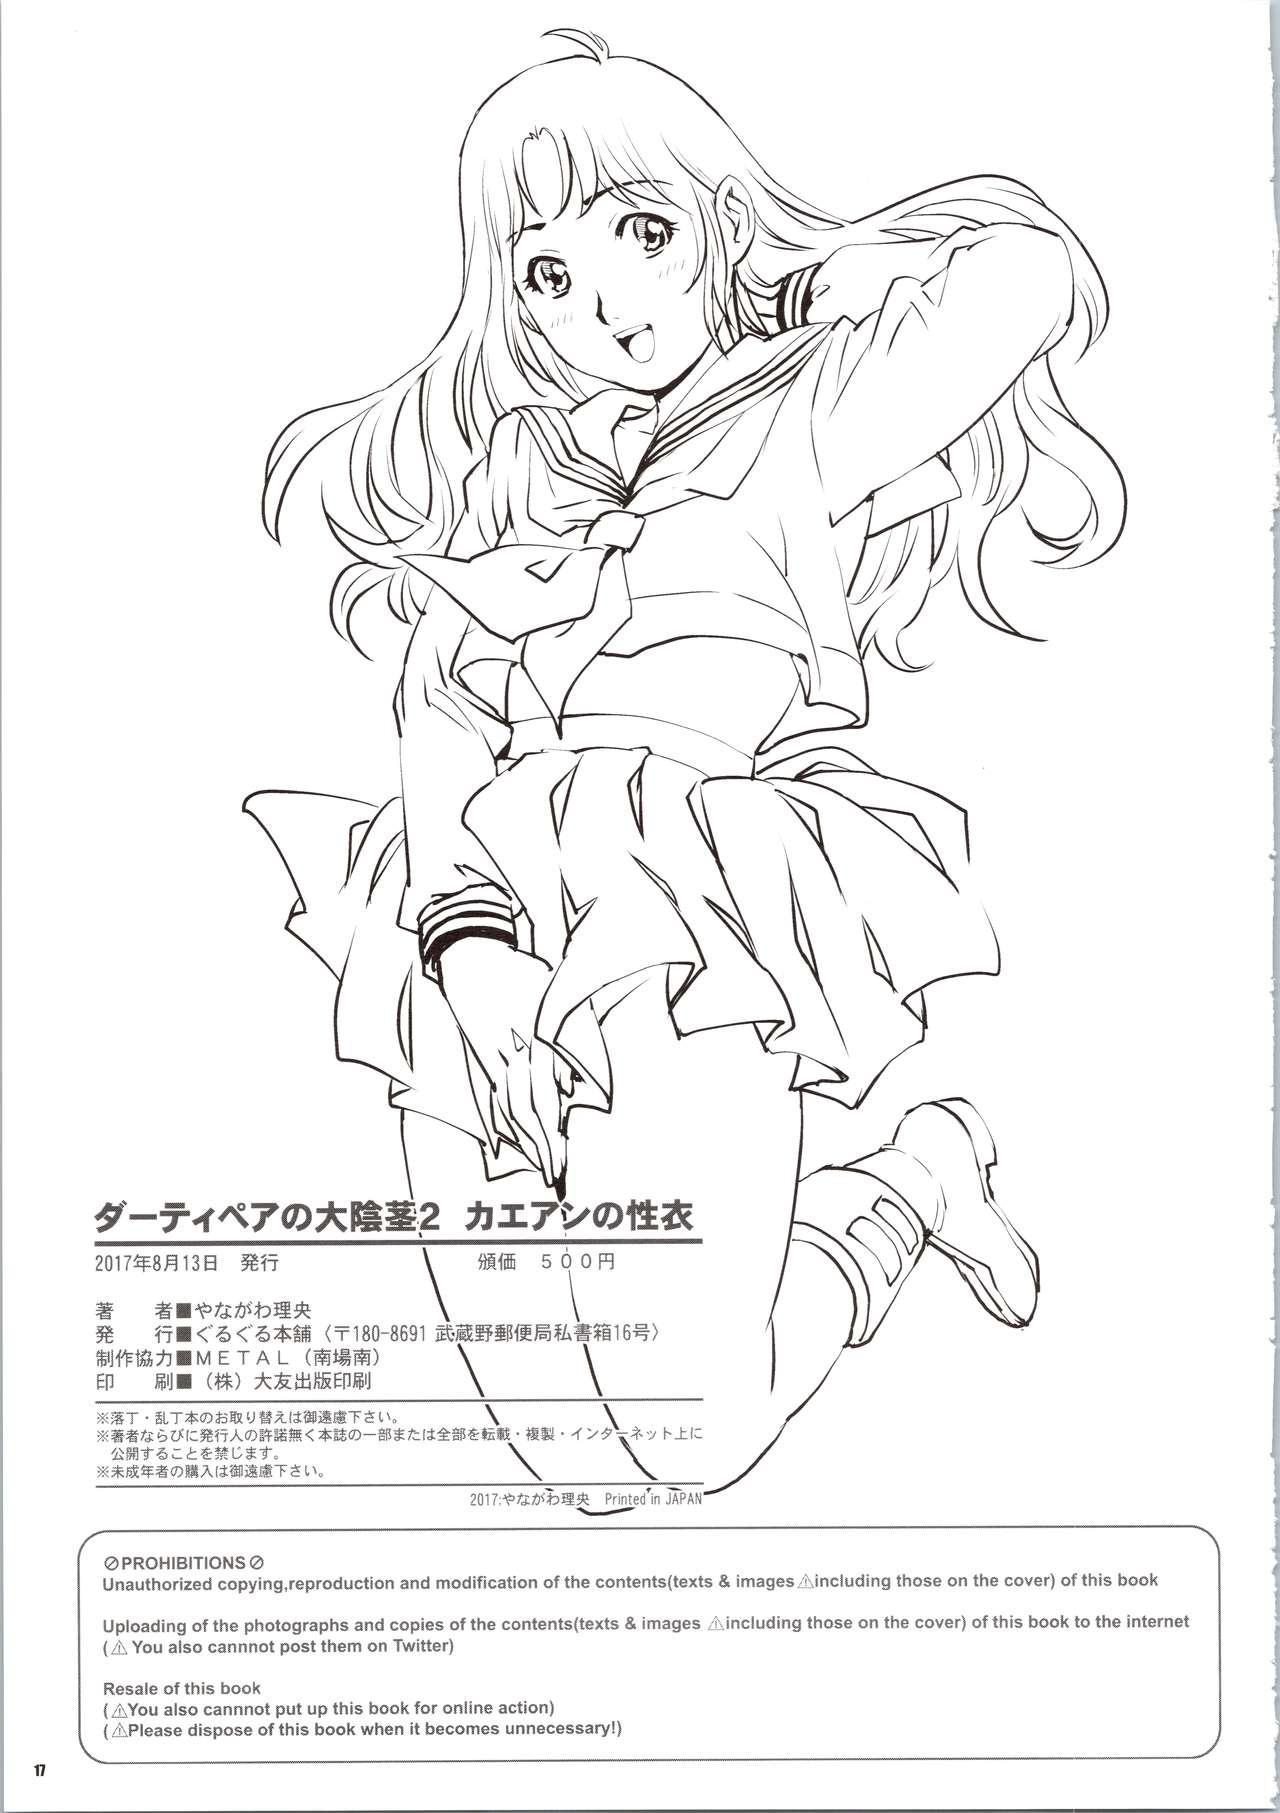 Dirty Pair no Dai Inkei 2 16